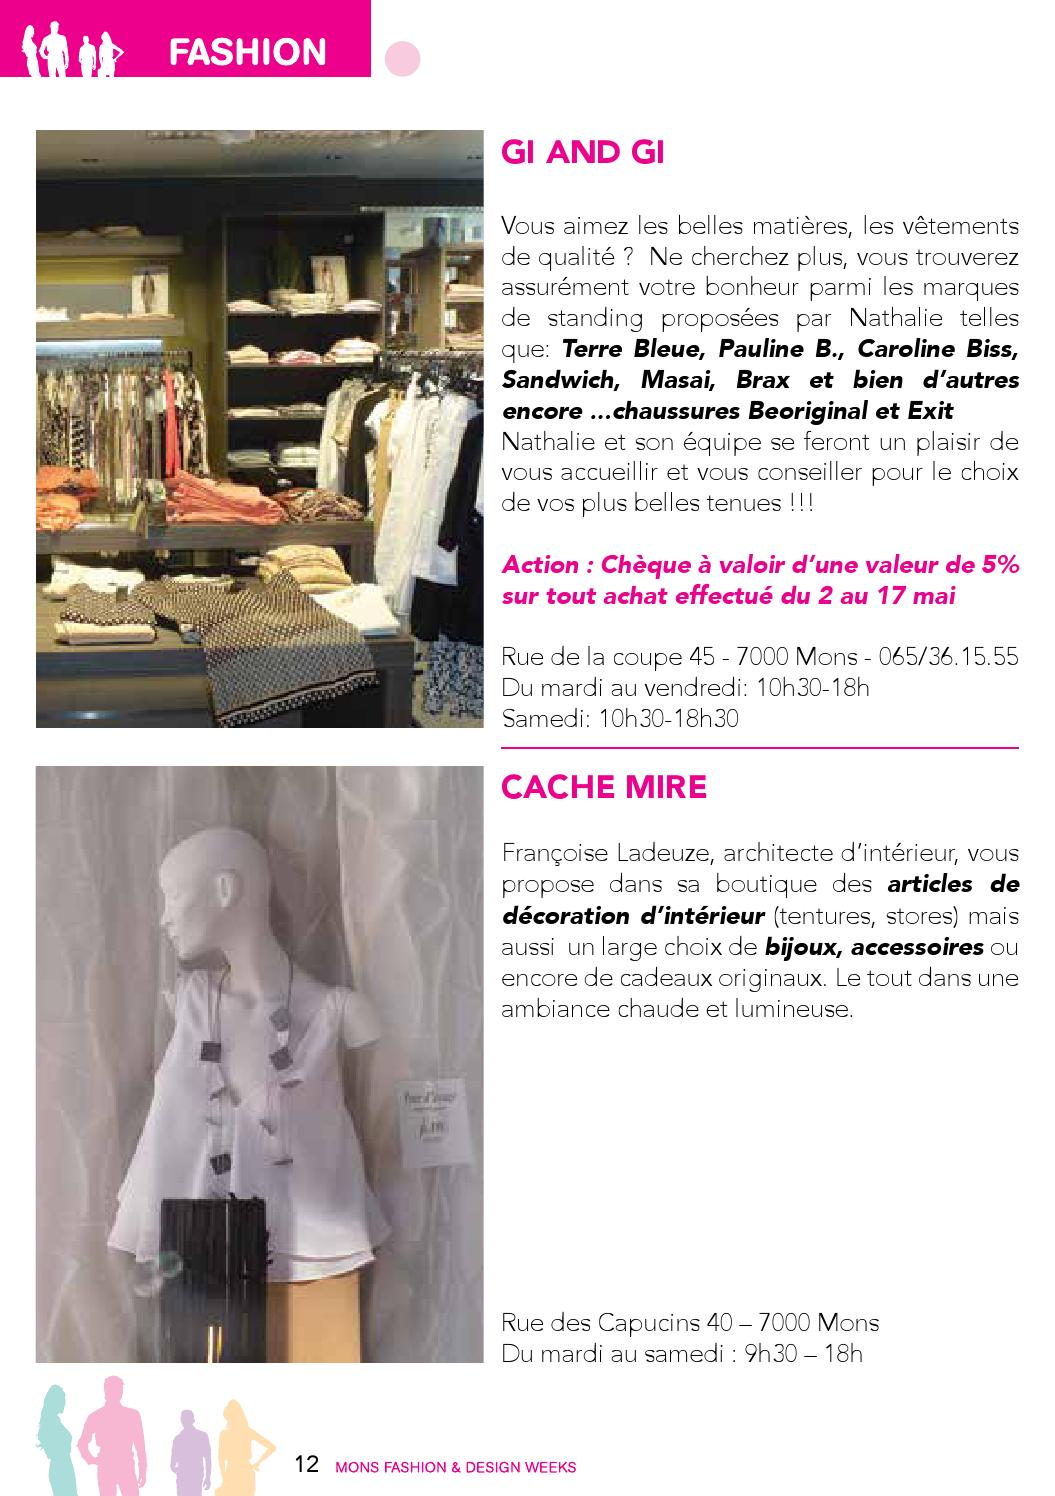 Weeks Bostem By Xavier be Issuu Fashionamp; Design Carafe vmYb6gyfI7